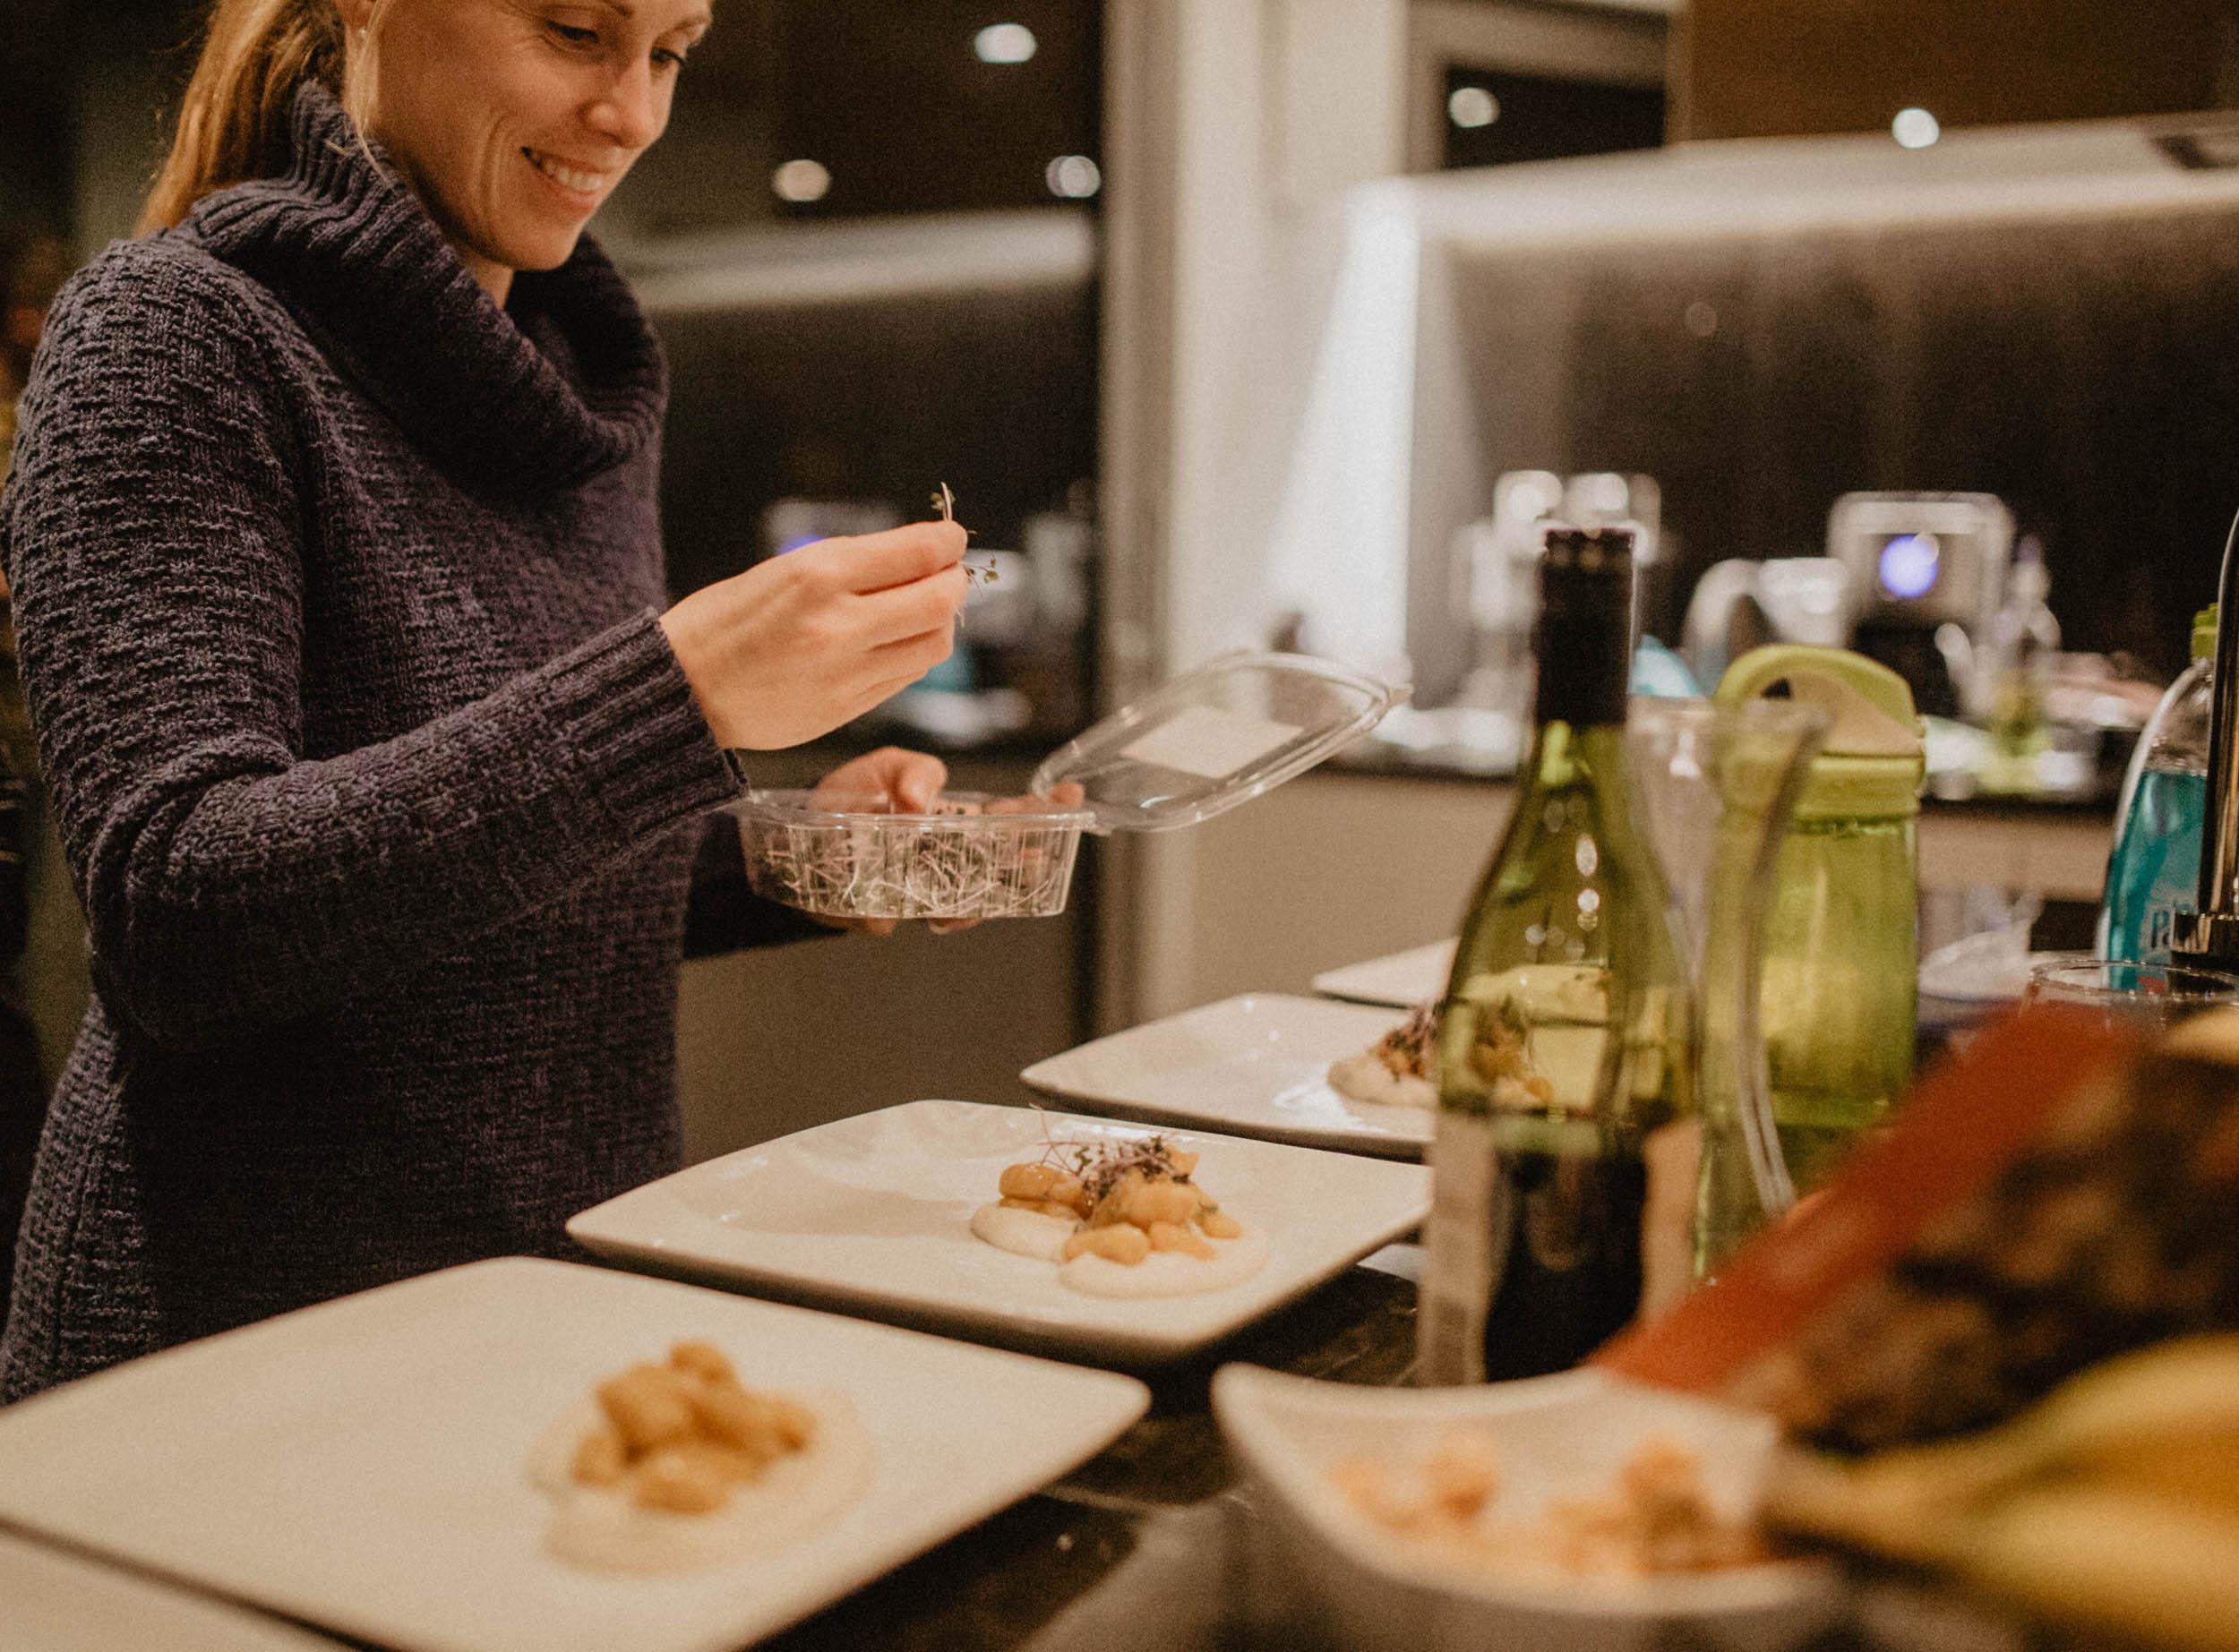 Préparation de repas retraite bien-être